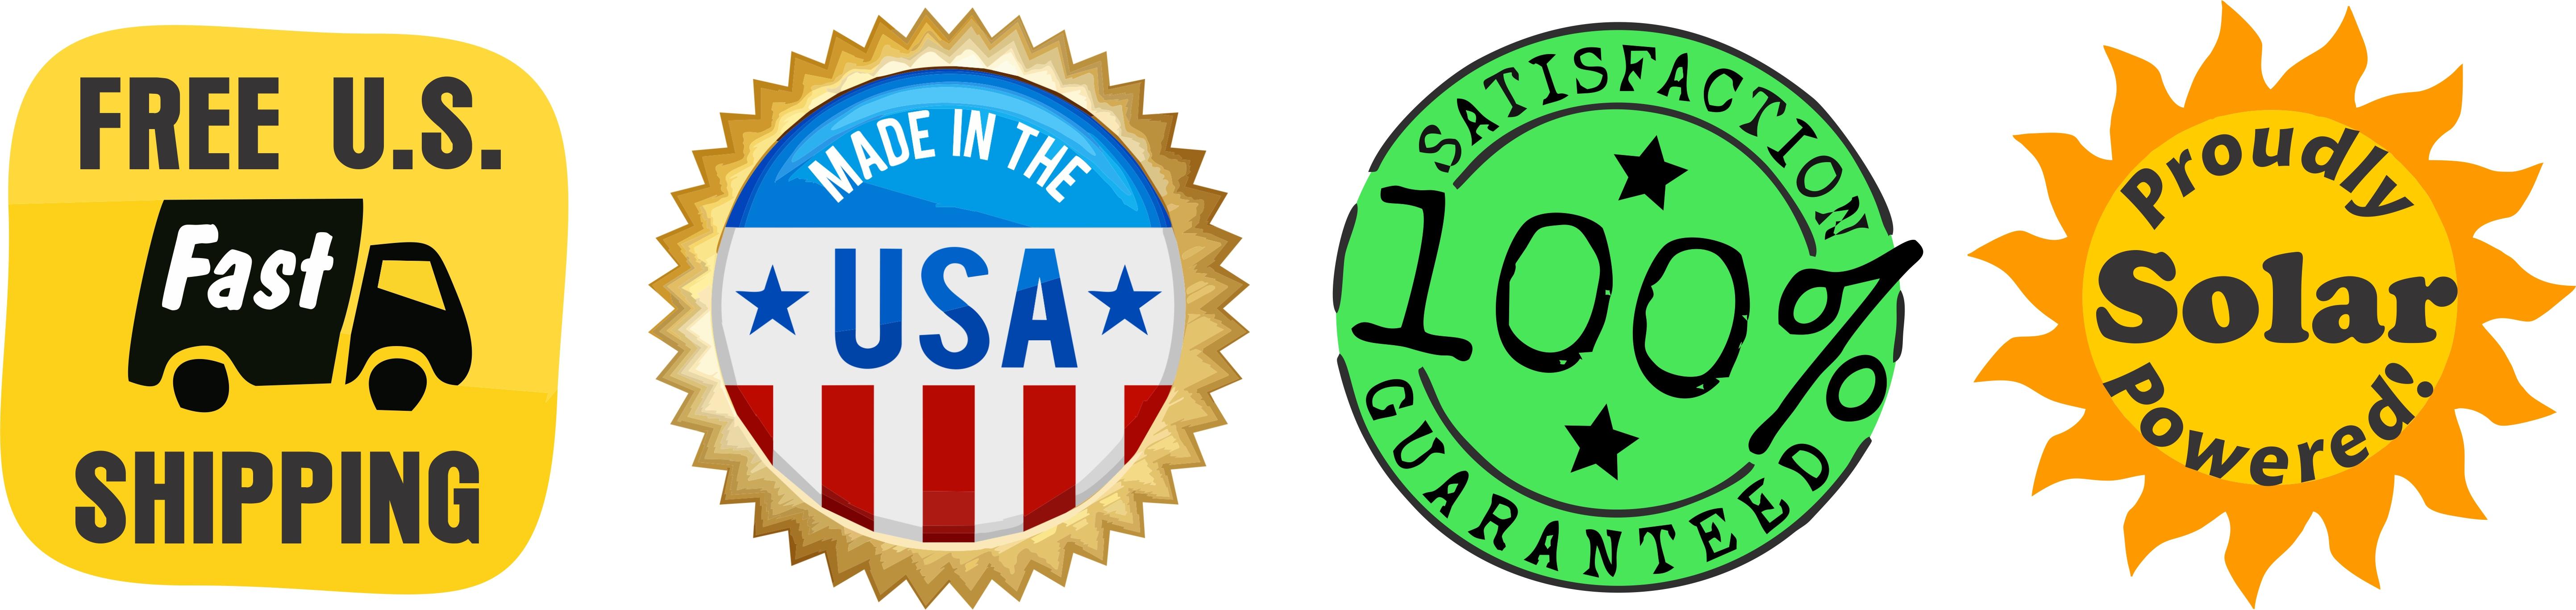 pe-free-shipping-solar-made-in-usa-guaranteed-logos.jpg